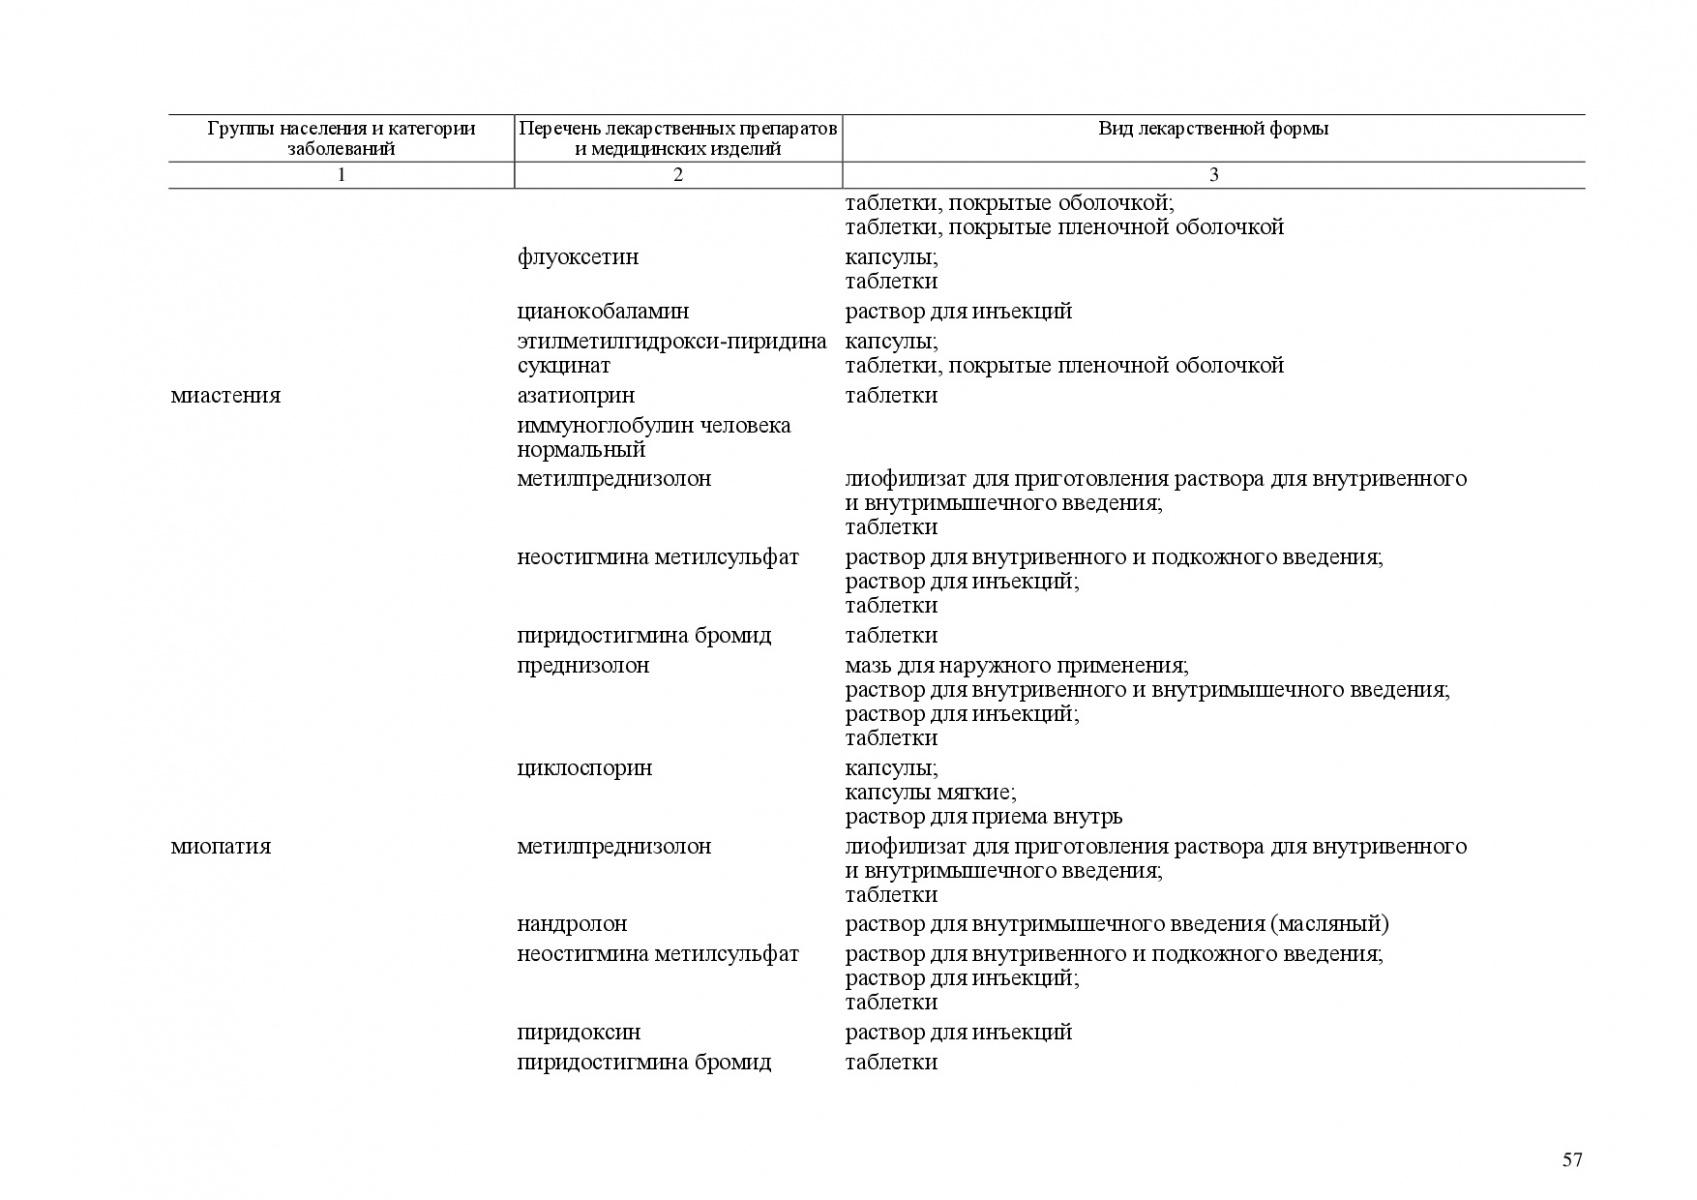 Prilozhenie-6-127-OD-057